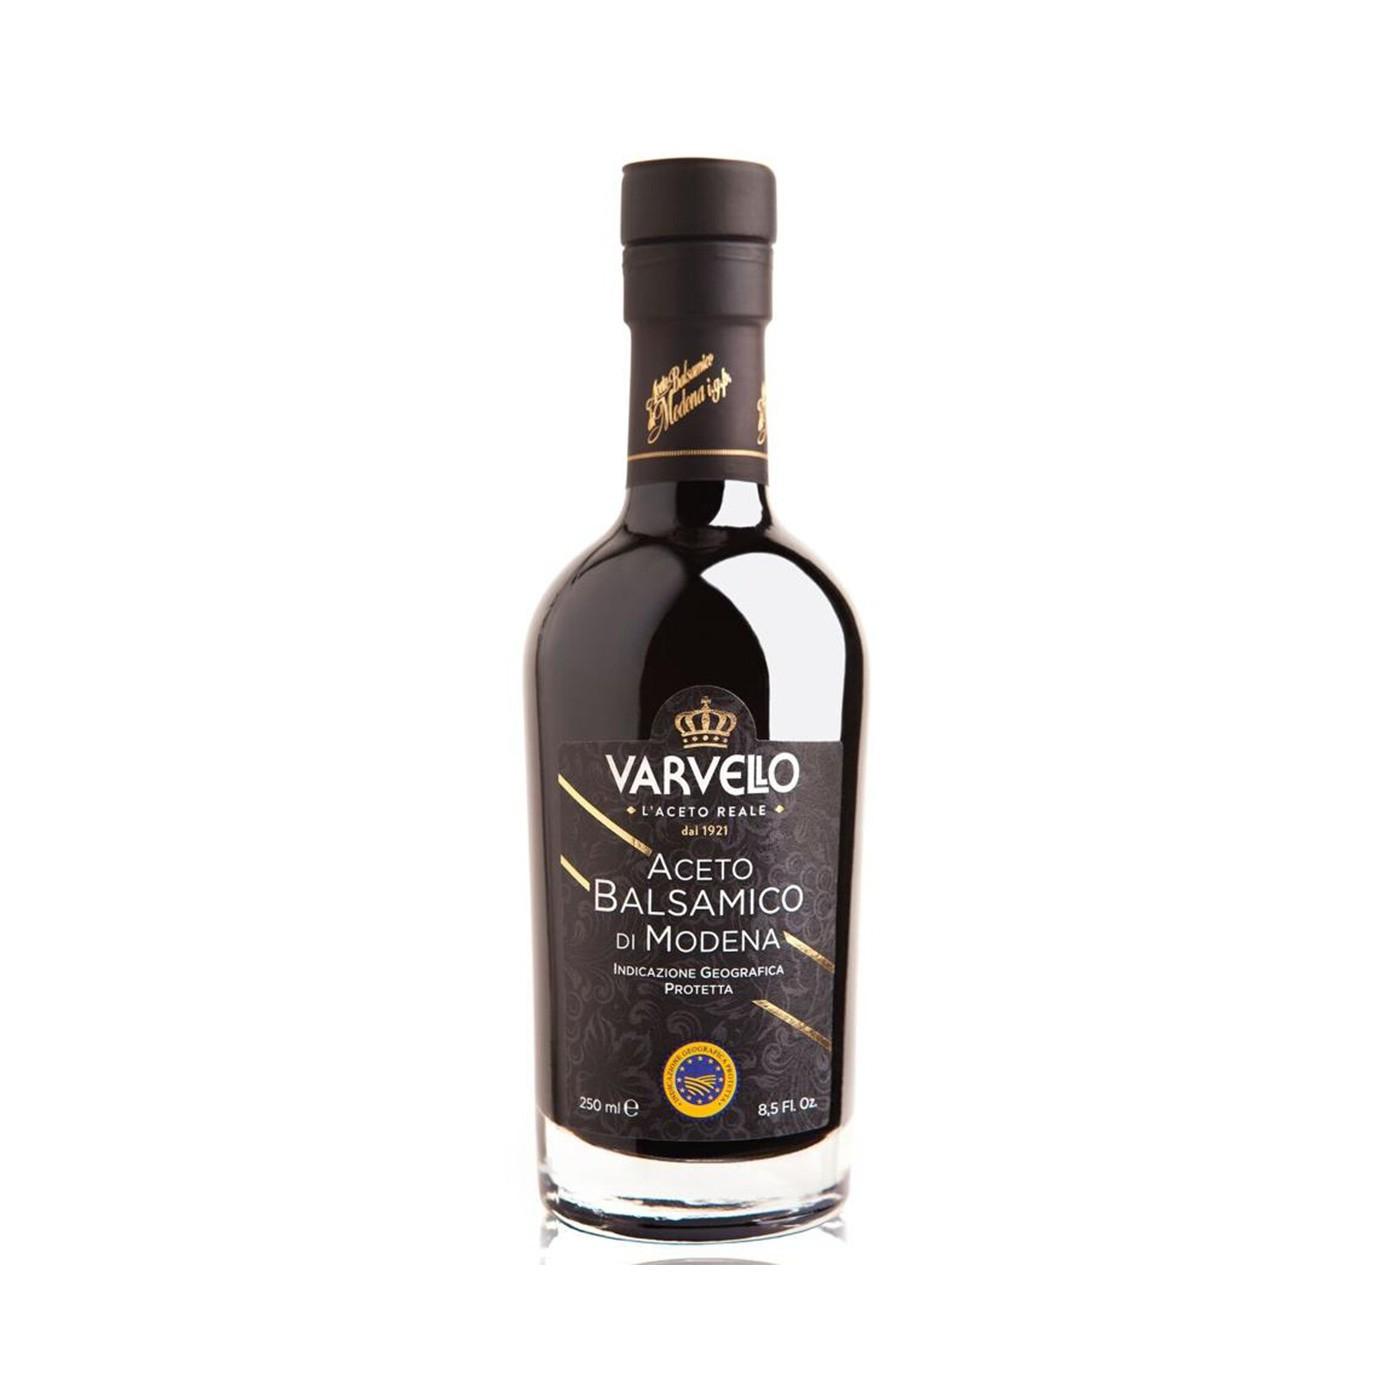 Imperiale Balsamic Vinegar of Modena 8 oz